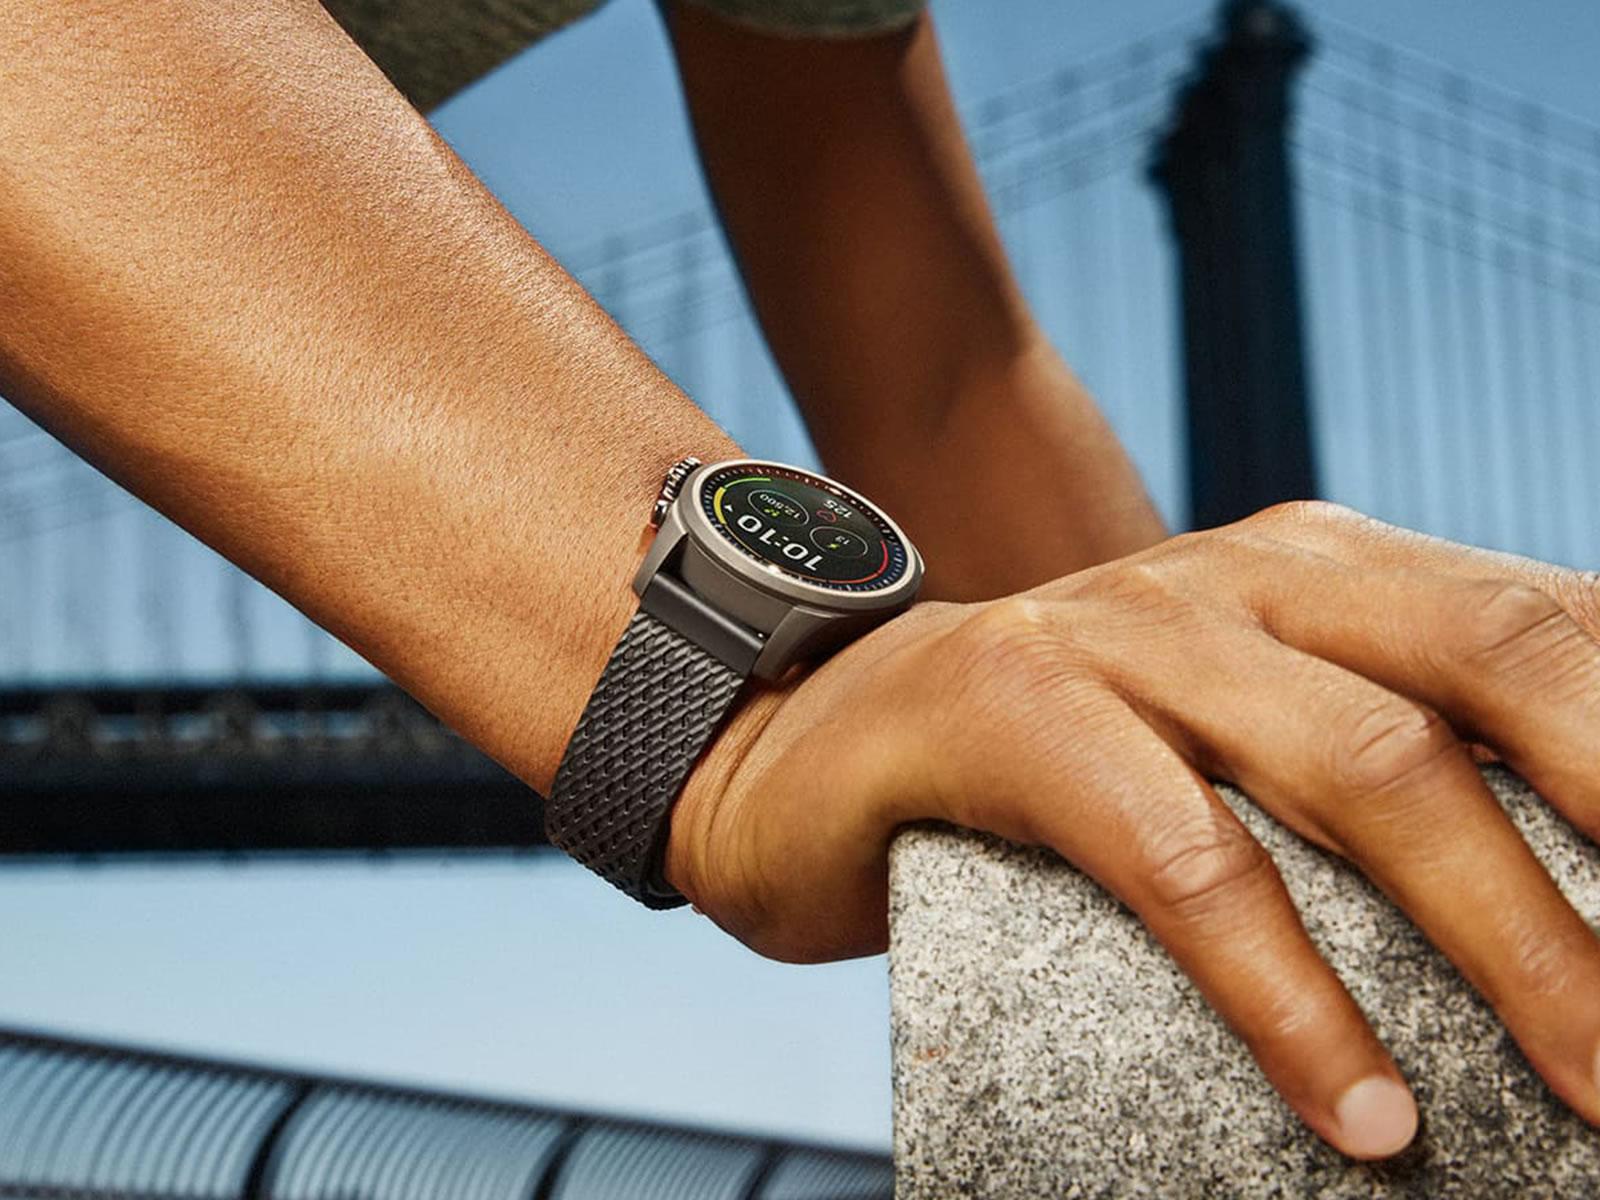 montblanc-summit-2-smartwatch-10-.jpg